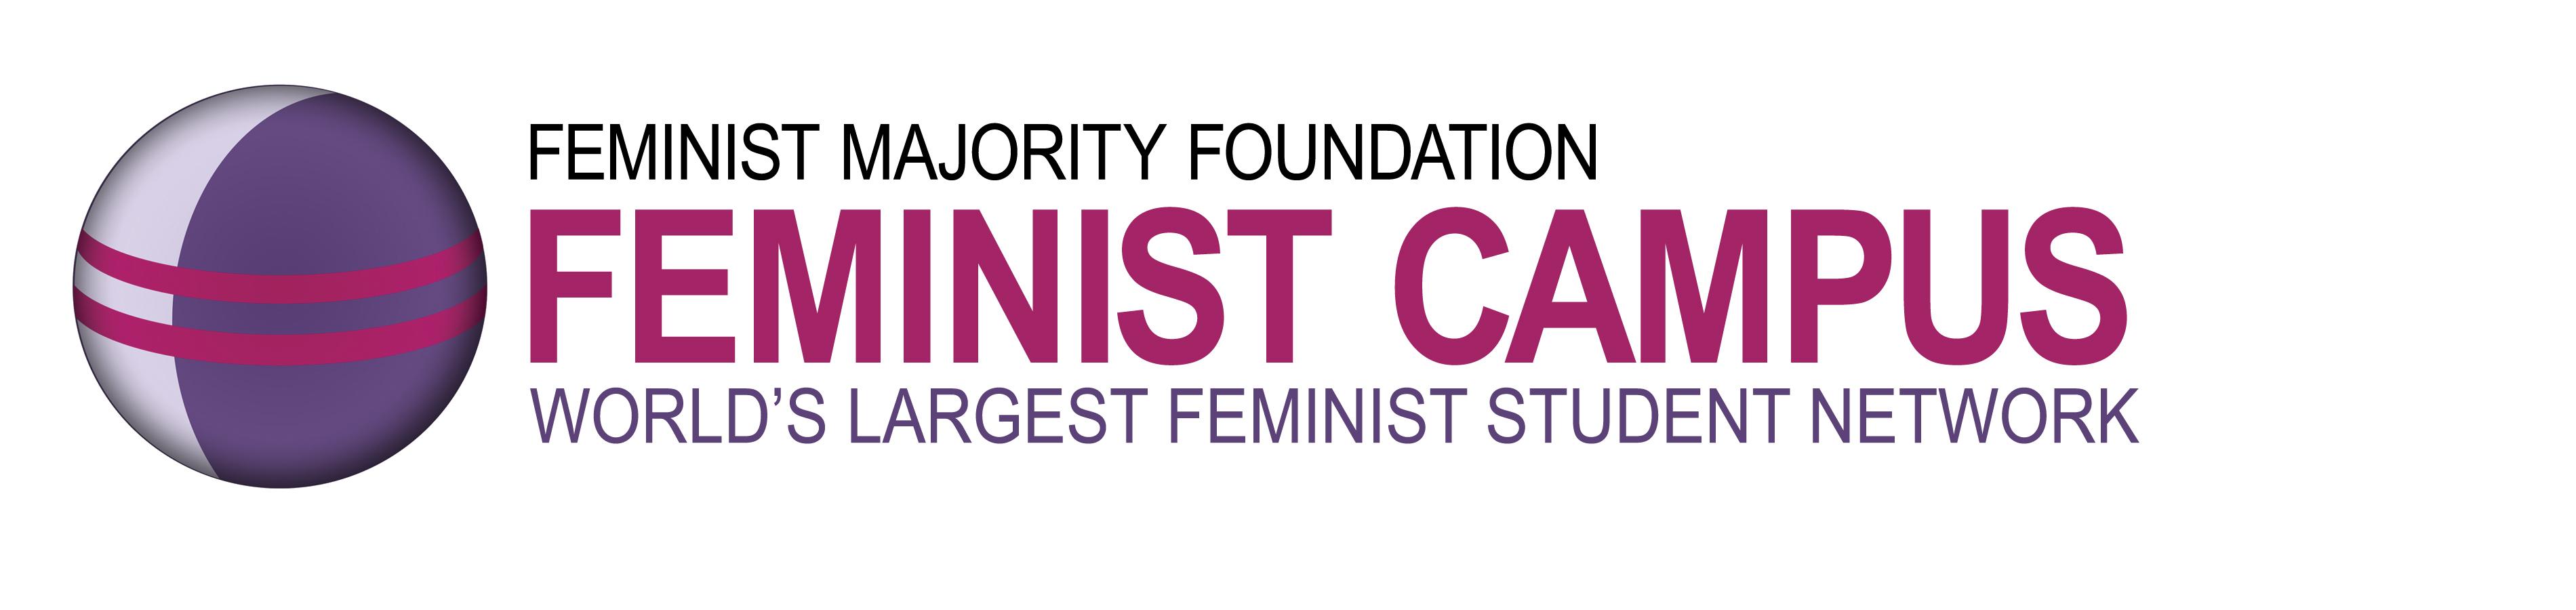 Feminist Campus